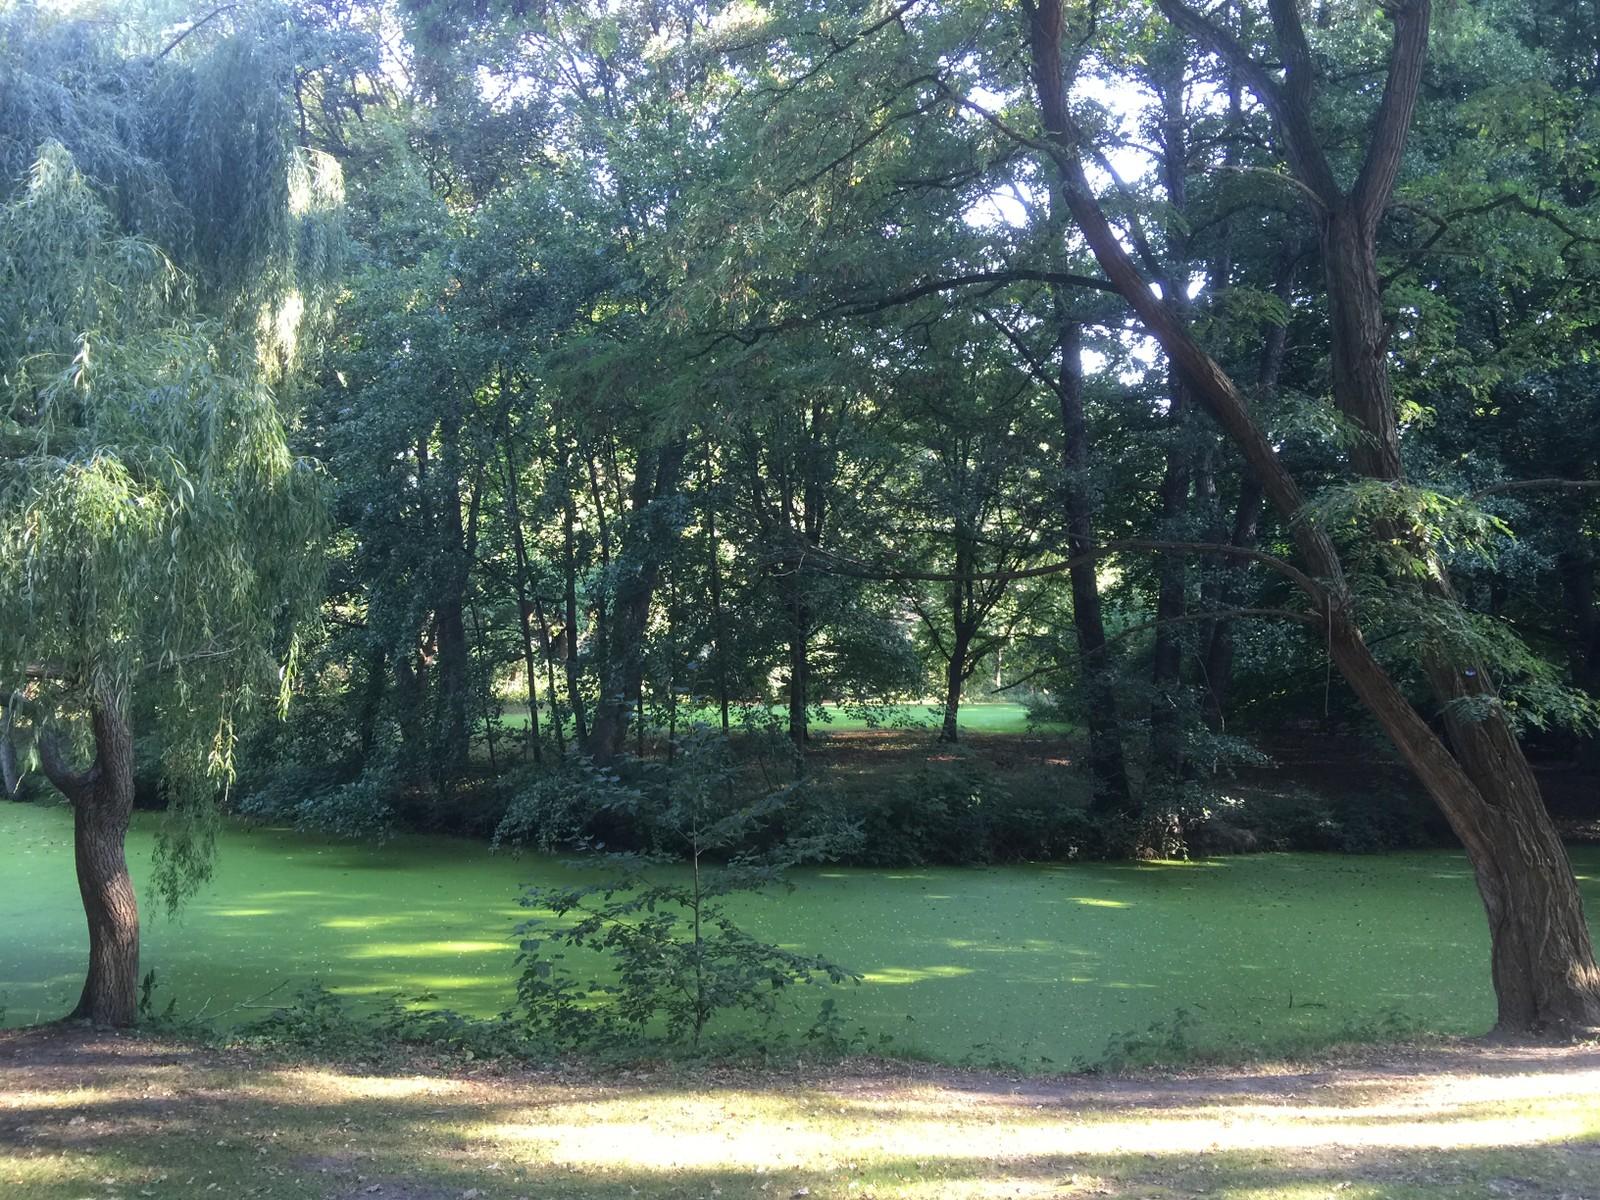 STOR. Tiergarten er med sine 210 hektar en av verdens største byparker. Til sammenligning er Hyde Park i London på 125 hektar, mens Central Park i New York er noe større, 335 hektar.